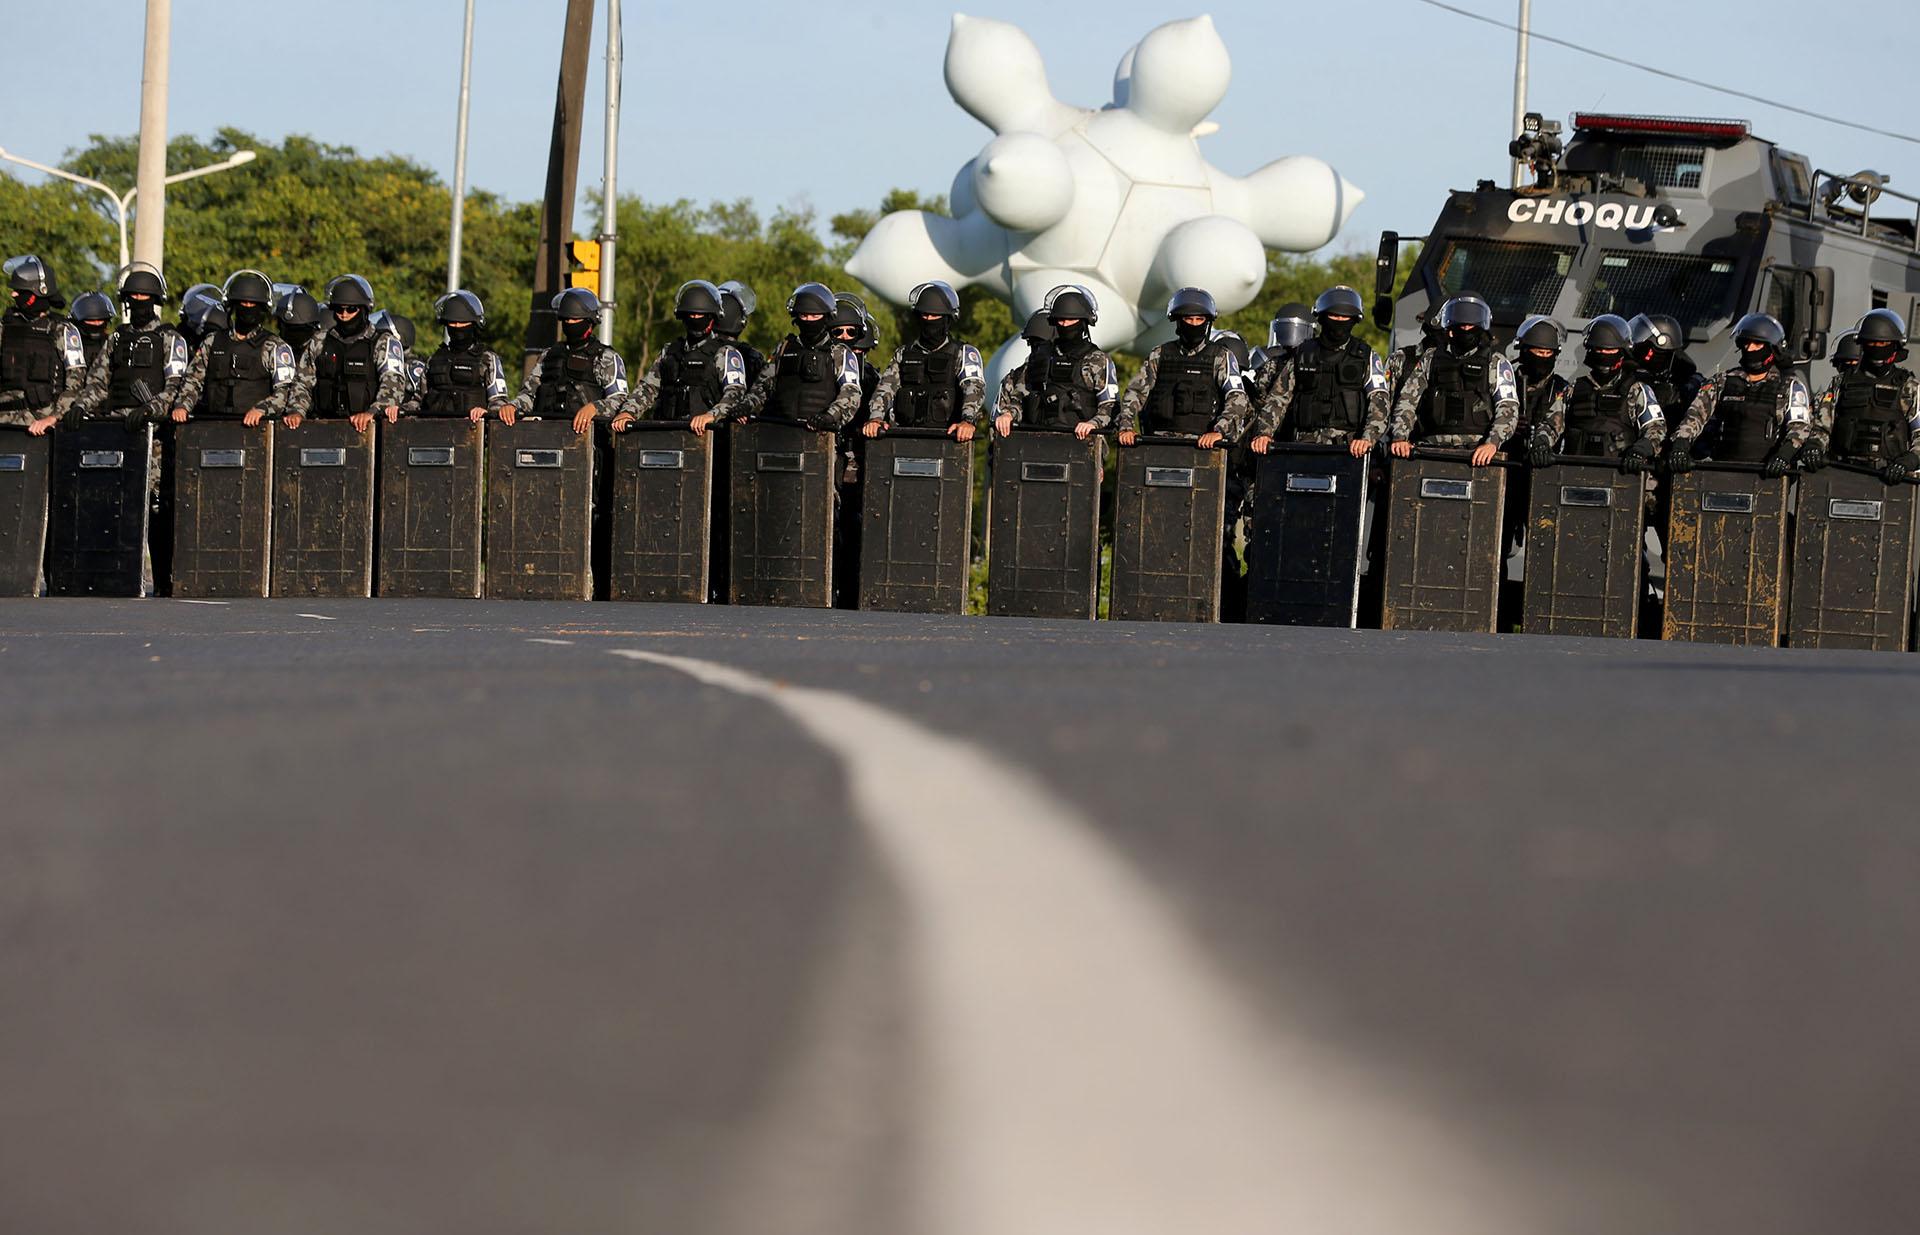 Las autoridades temen enfrentamientos entre partidarios y contrarios a Lula (Reuters)